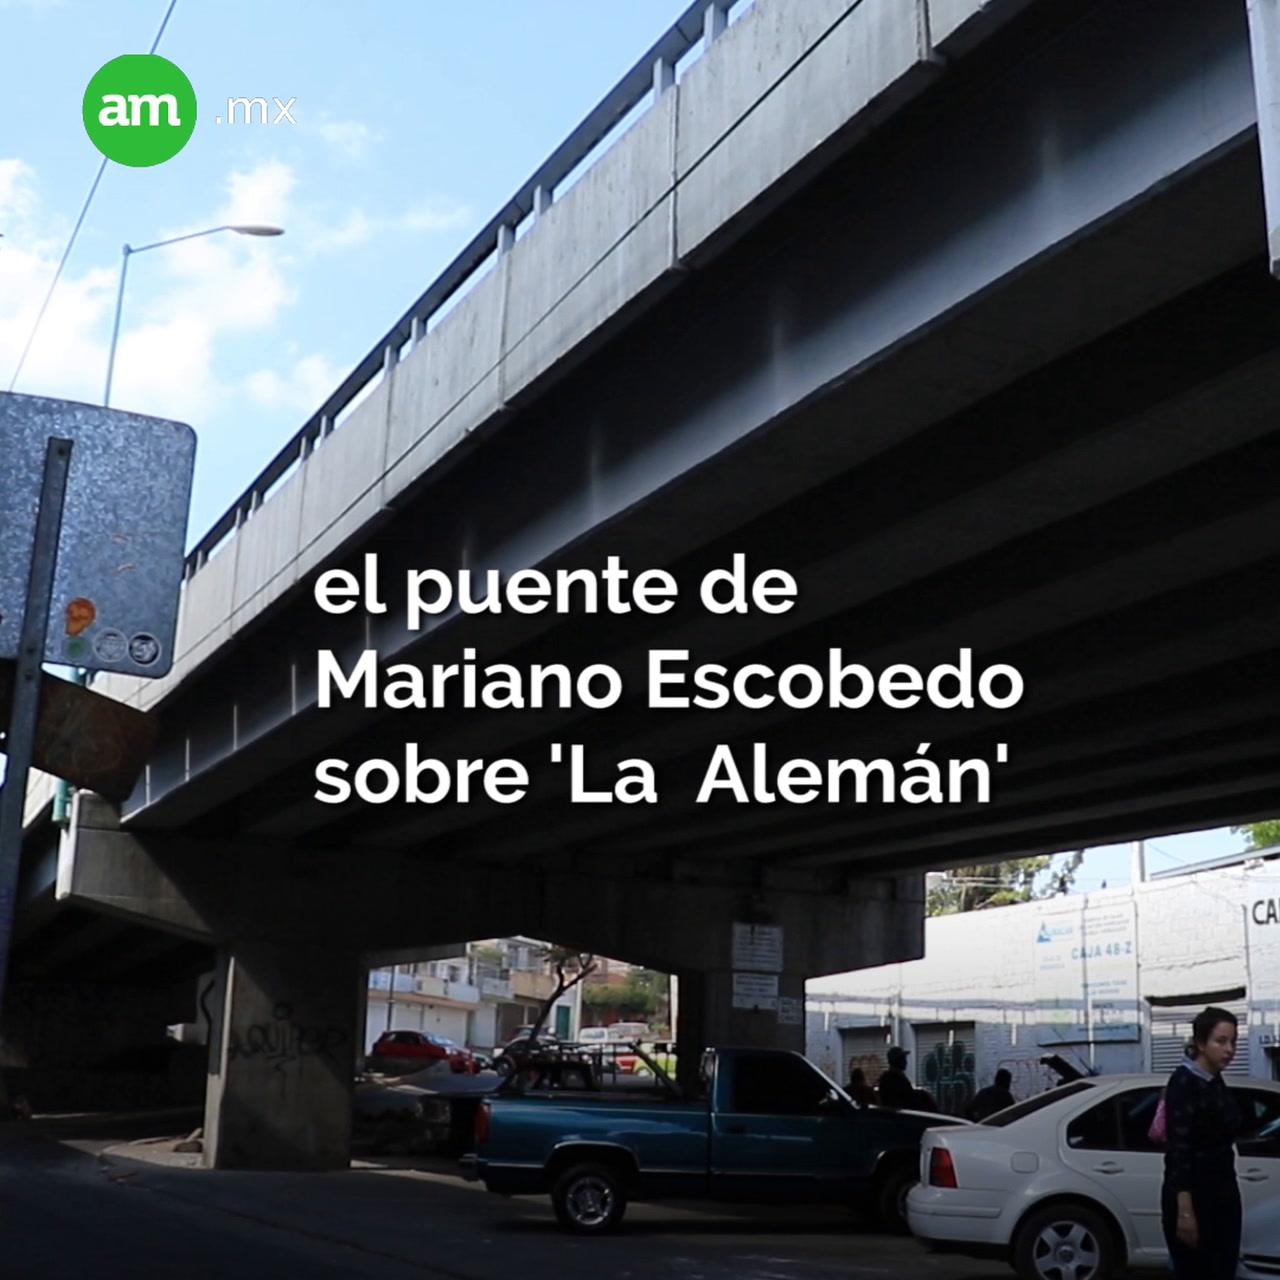 Reparan puente de Mariano Escobedo